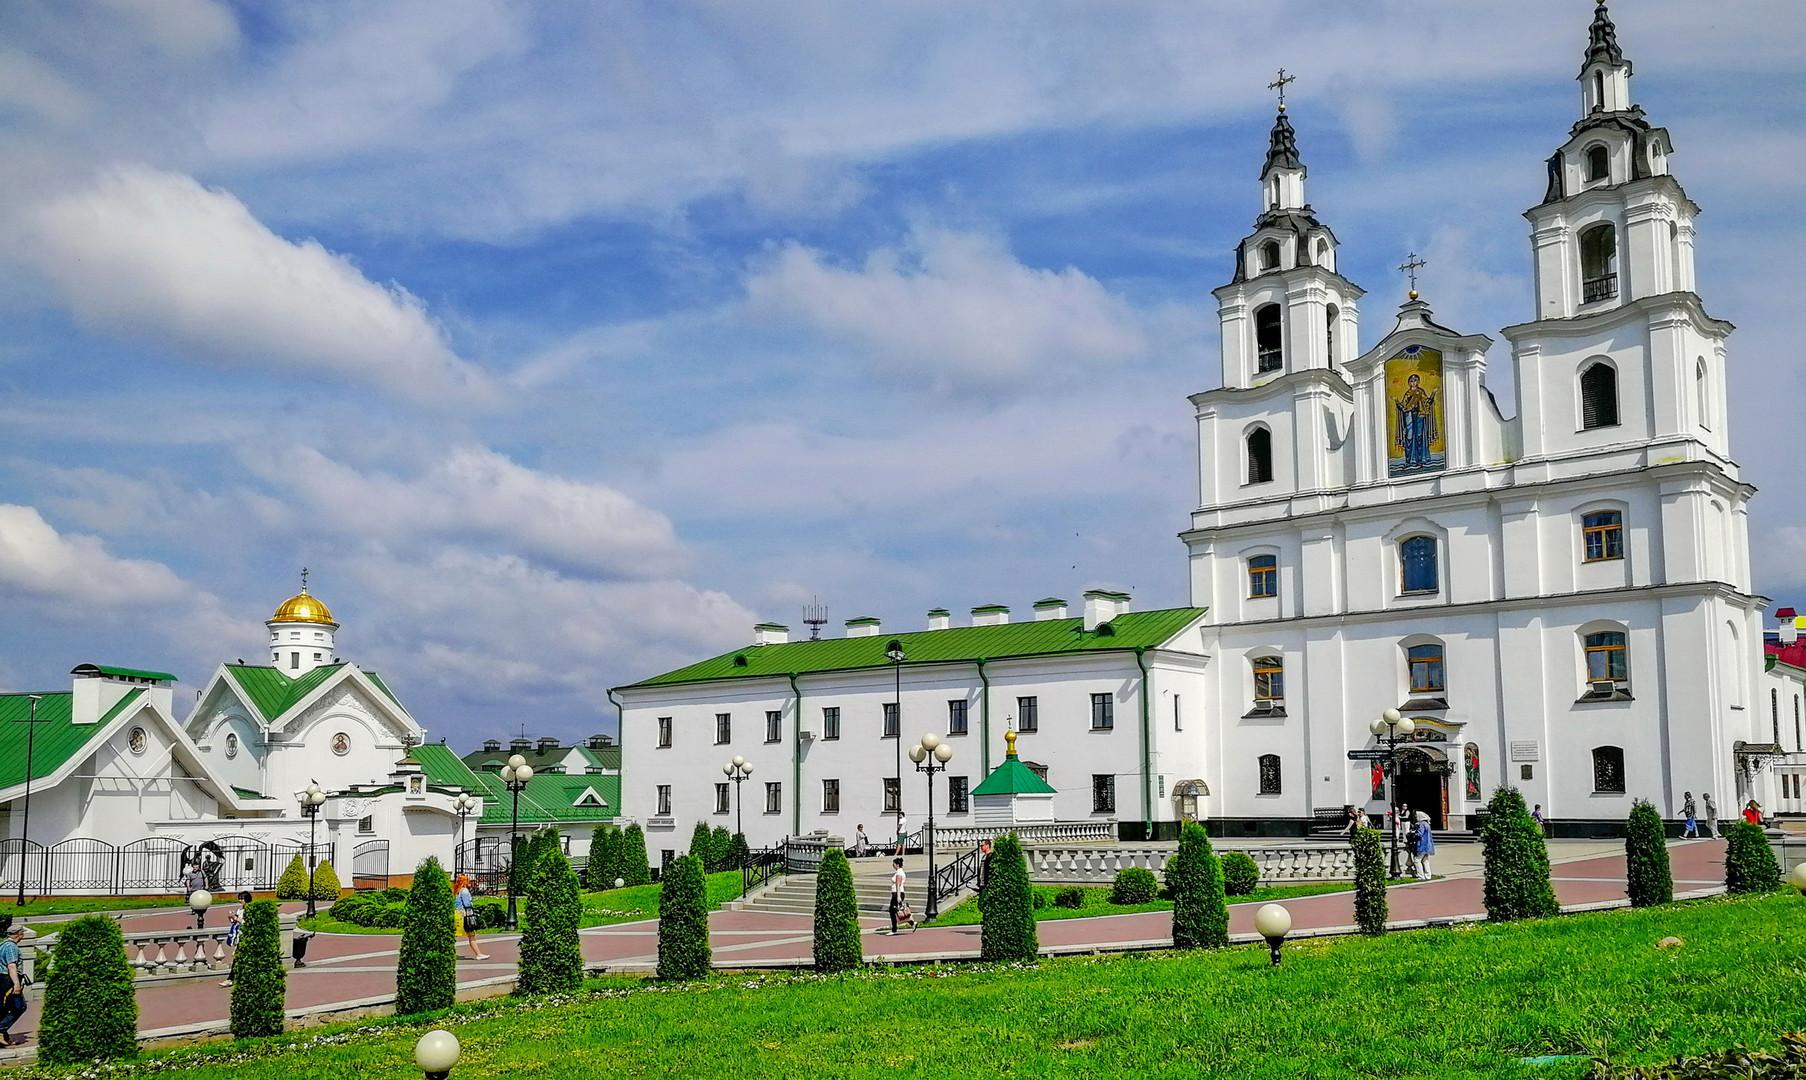 Собор Святого Духа, Минск